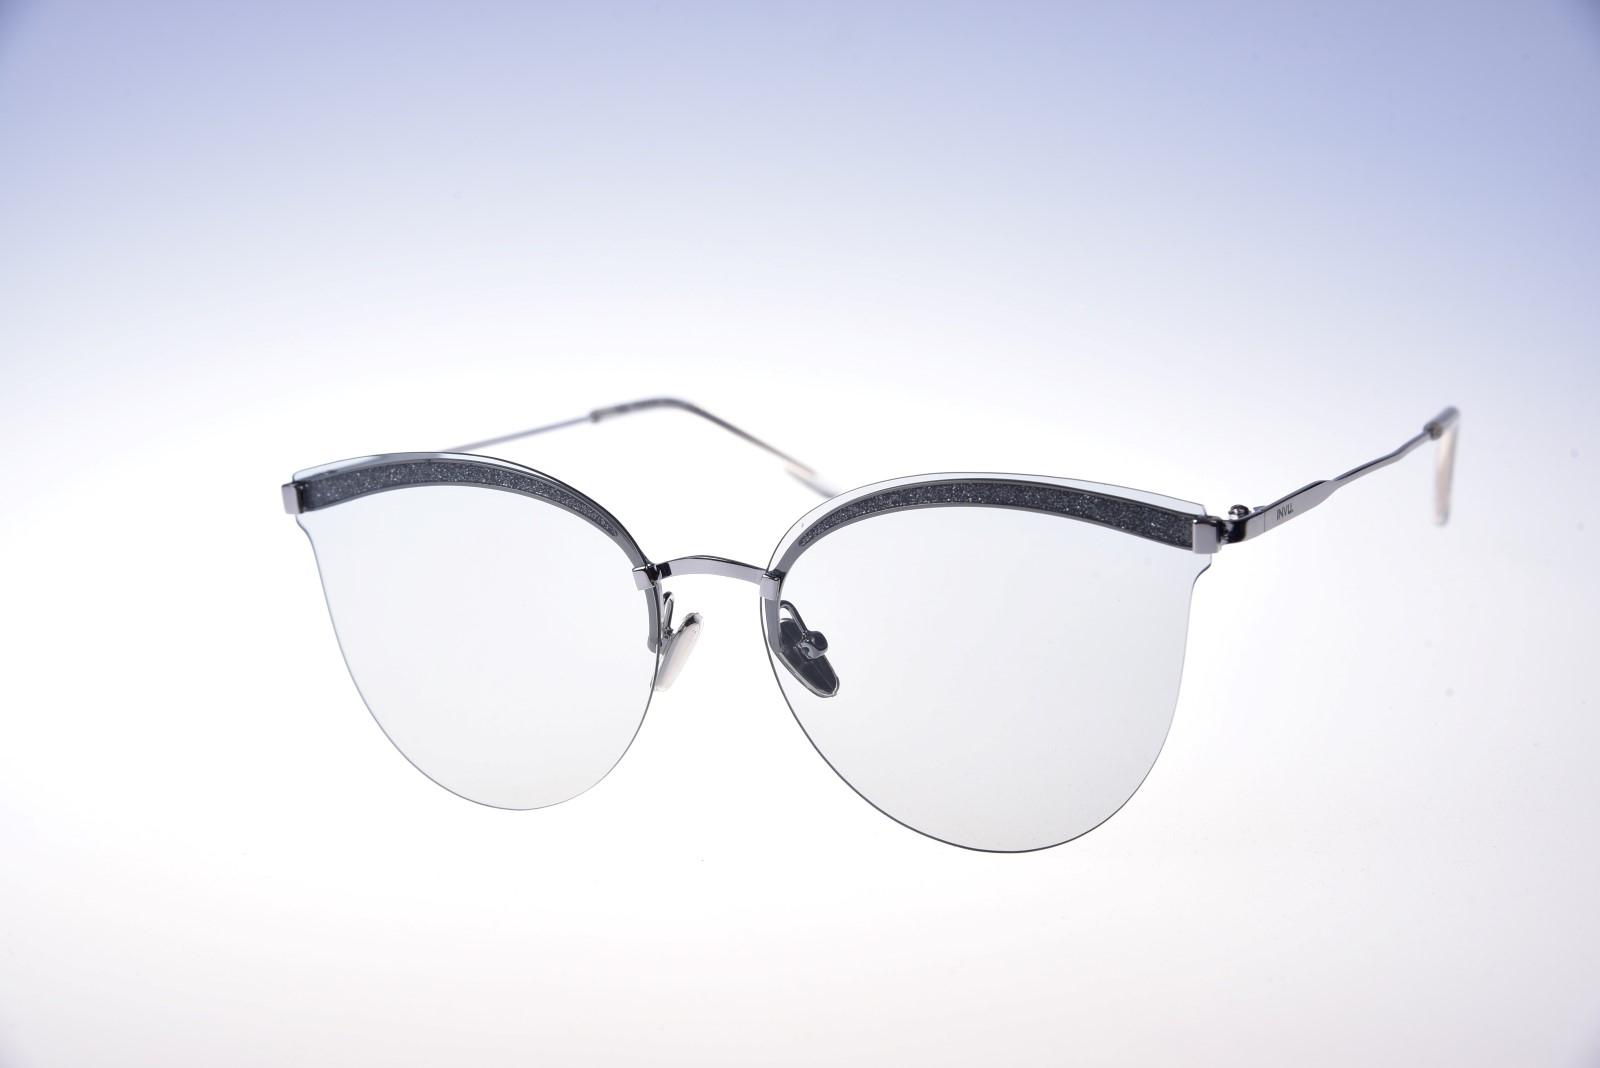 f5fa20c51 INVU. Trend T1913B - Dámske, pánske a detské slnečné okuliare ...